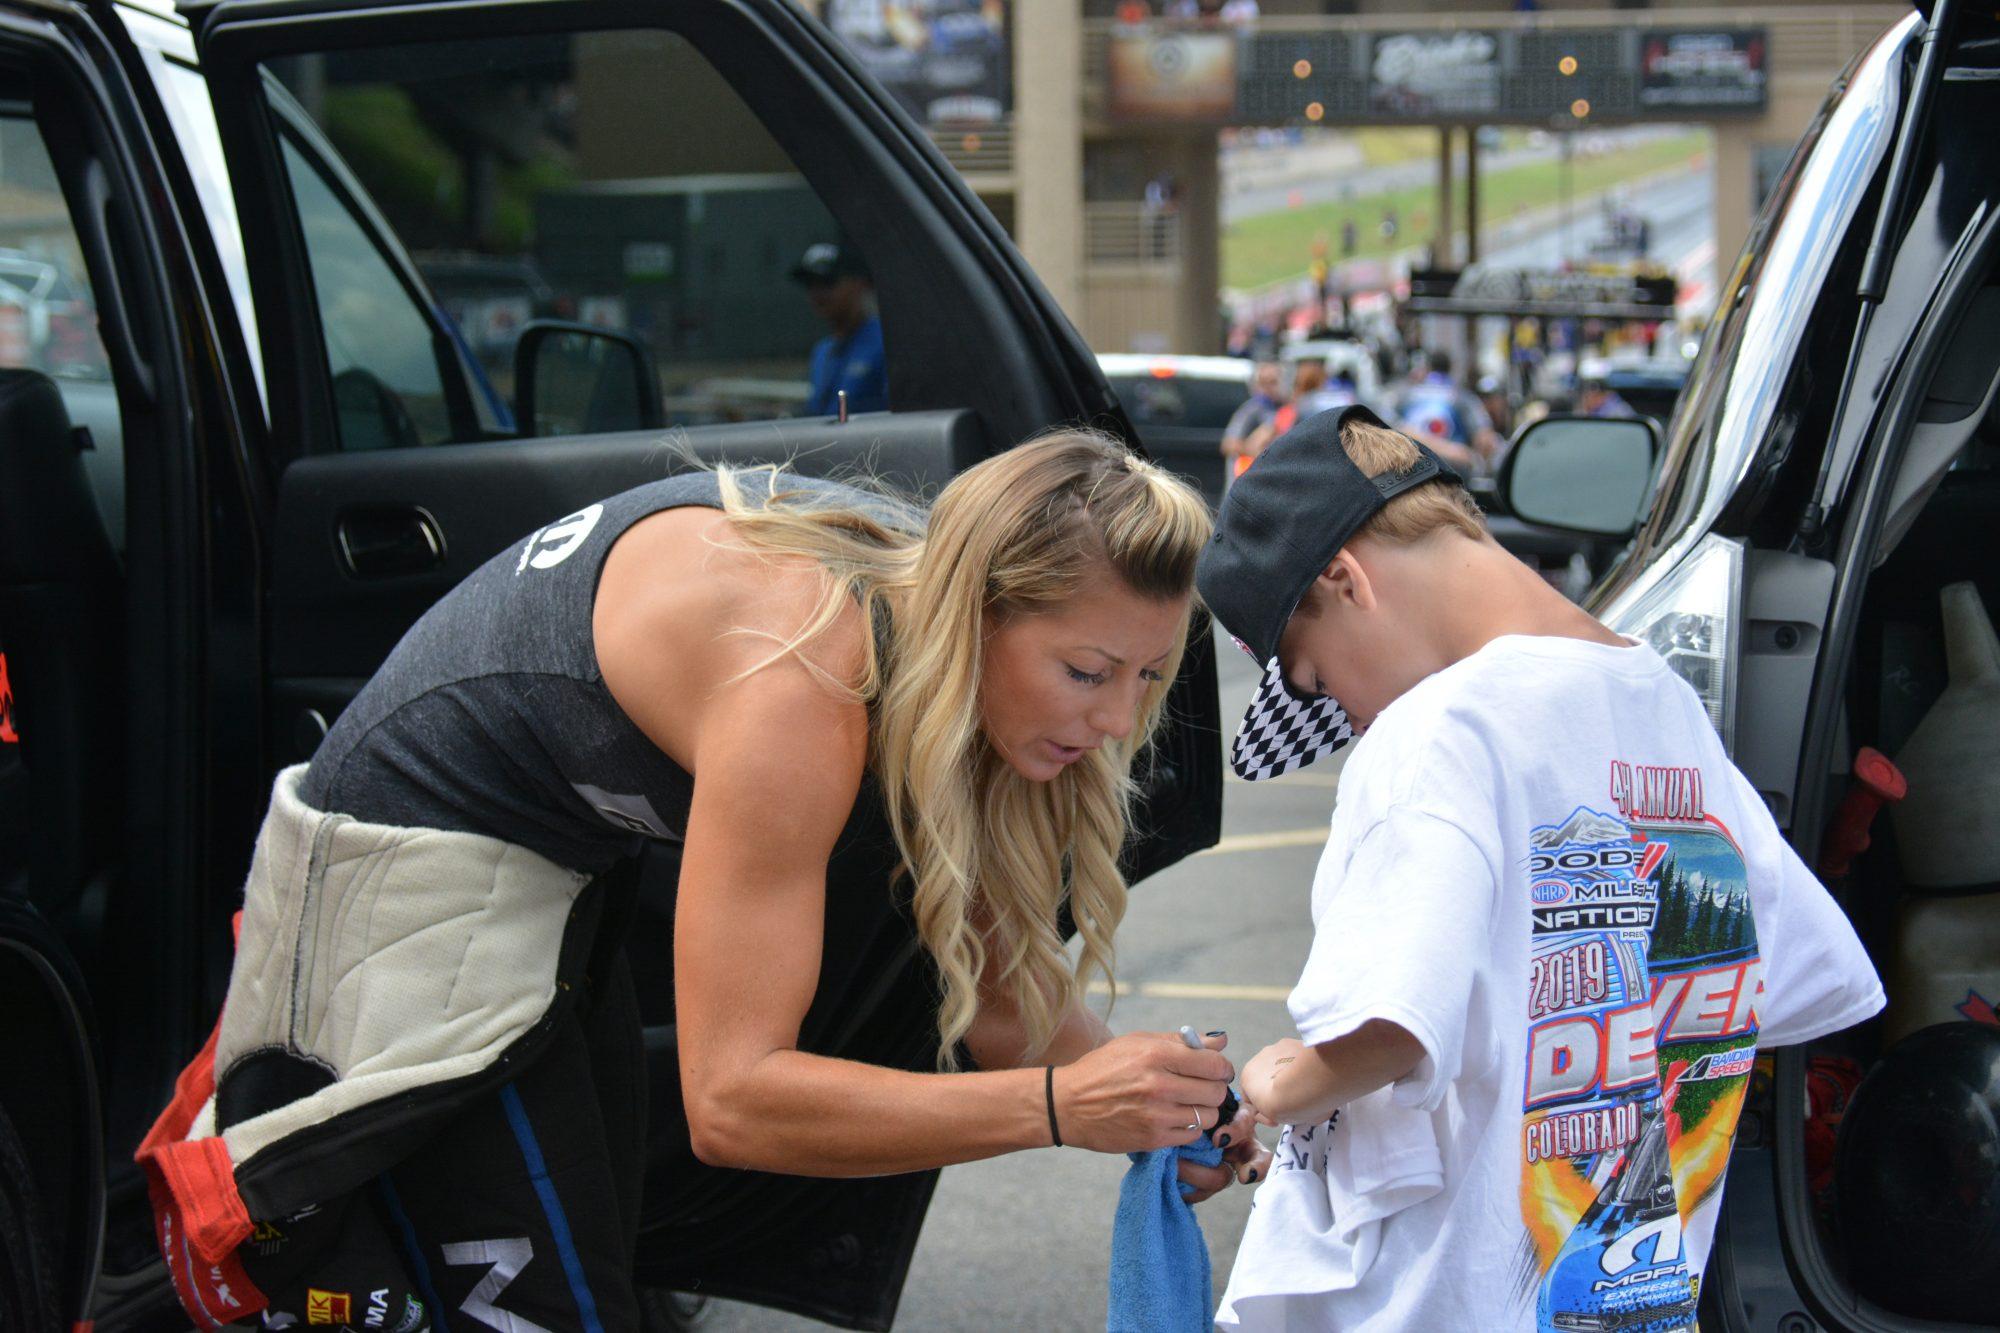 Leah Pruett signing a shirt